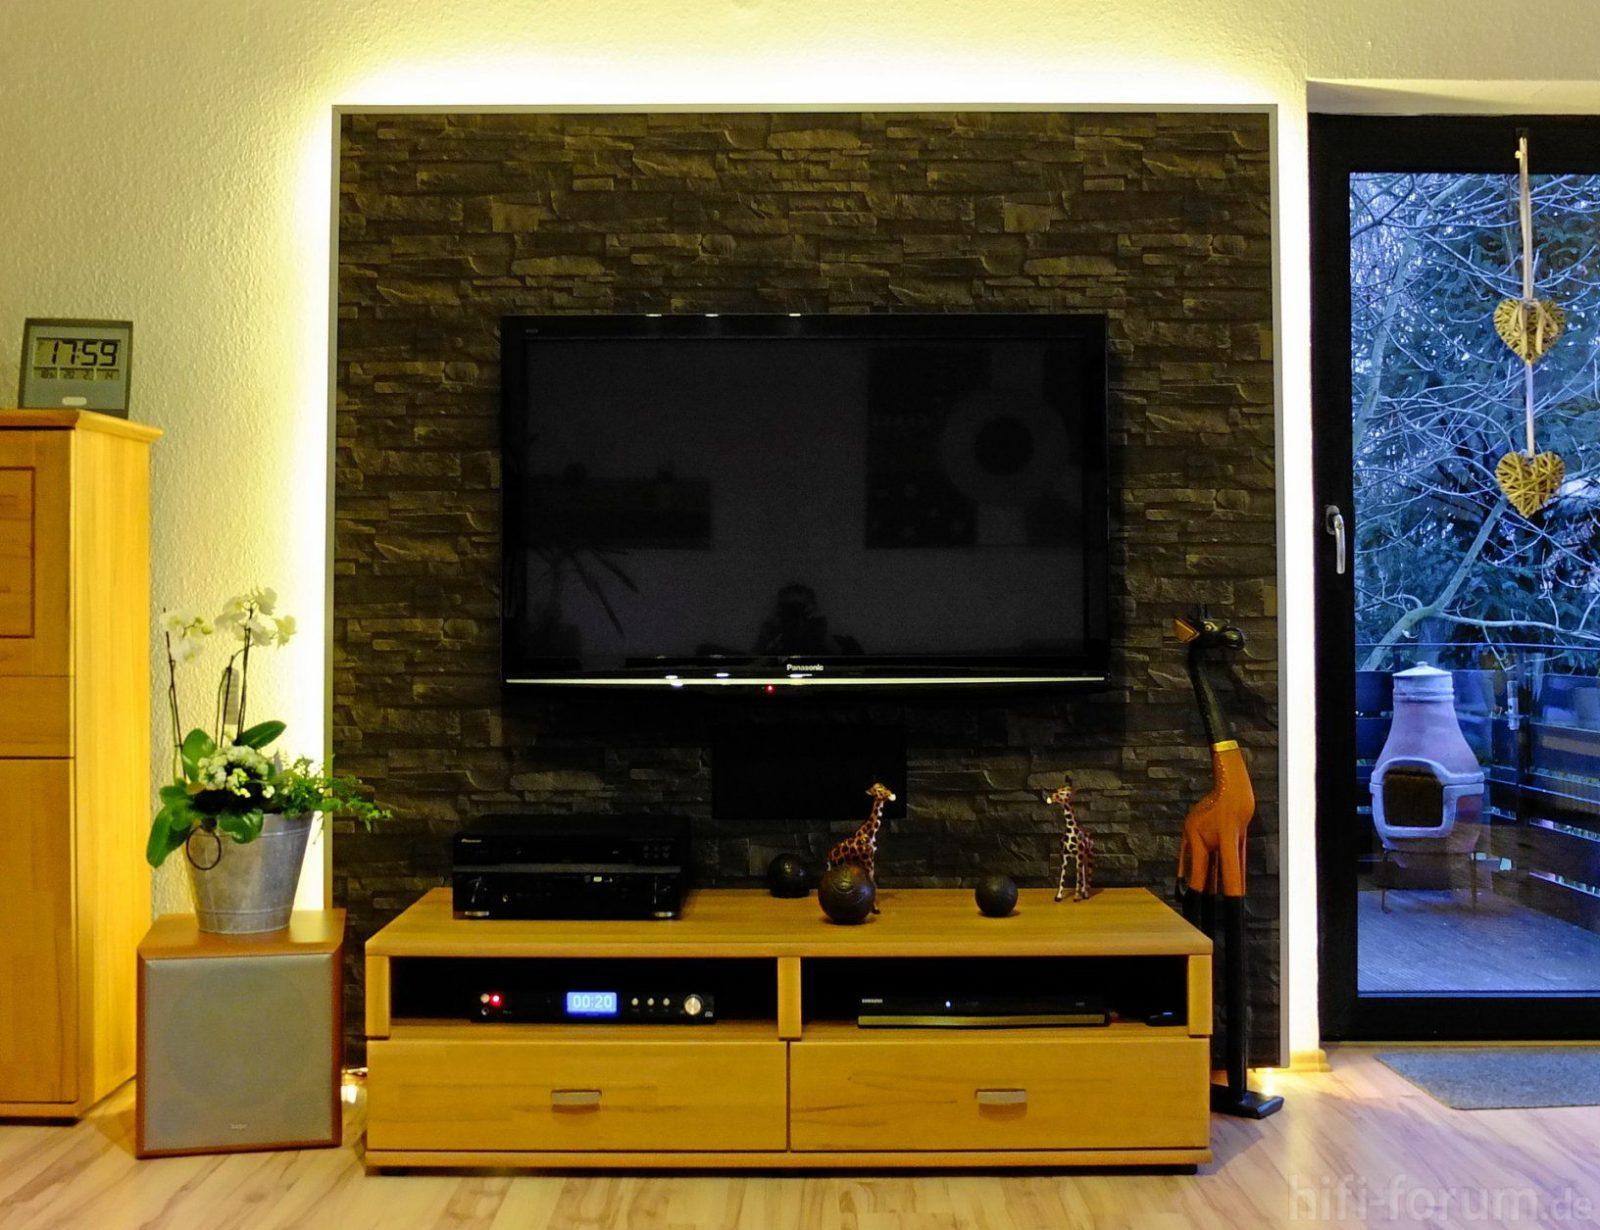 Tapete Für Fernsehwand Hoekkast Tv Fresh Wohnzimmer Ideen Wand